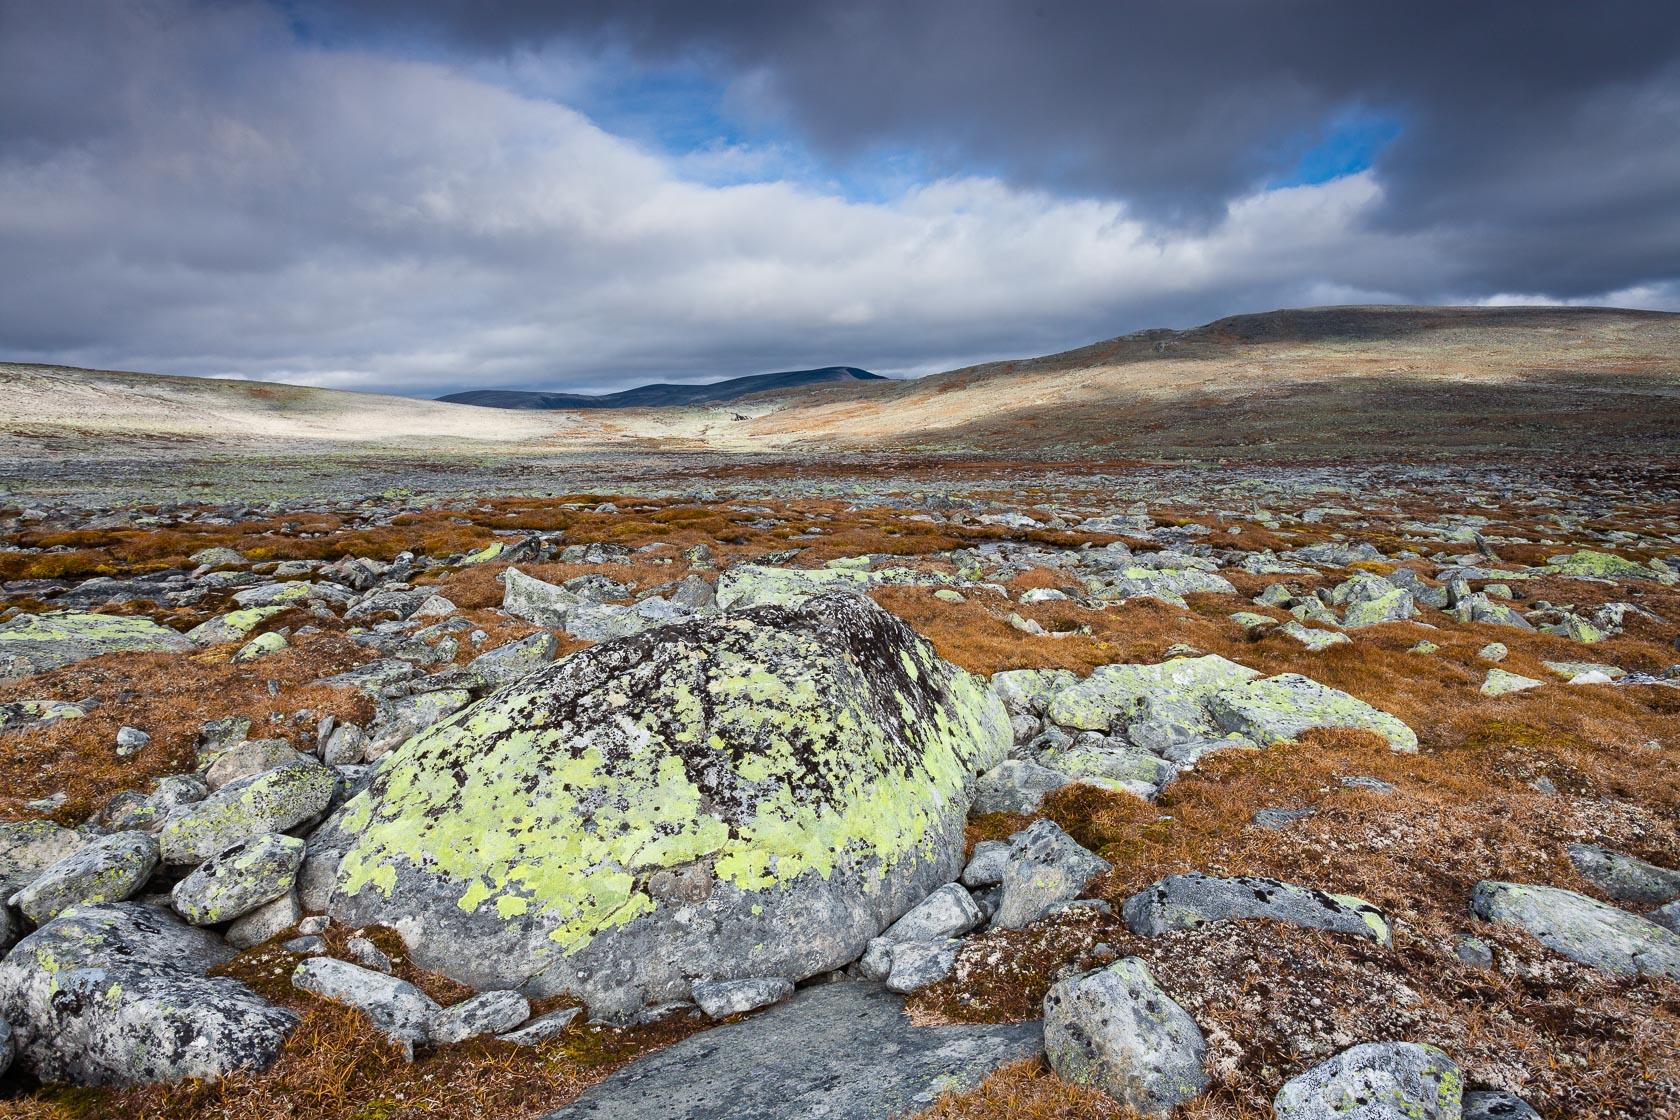 roches erratiques de moraines glaciaires dans le Dovrefjell